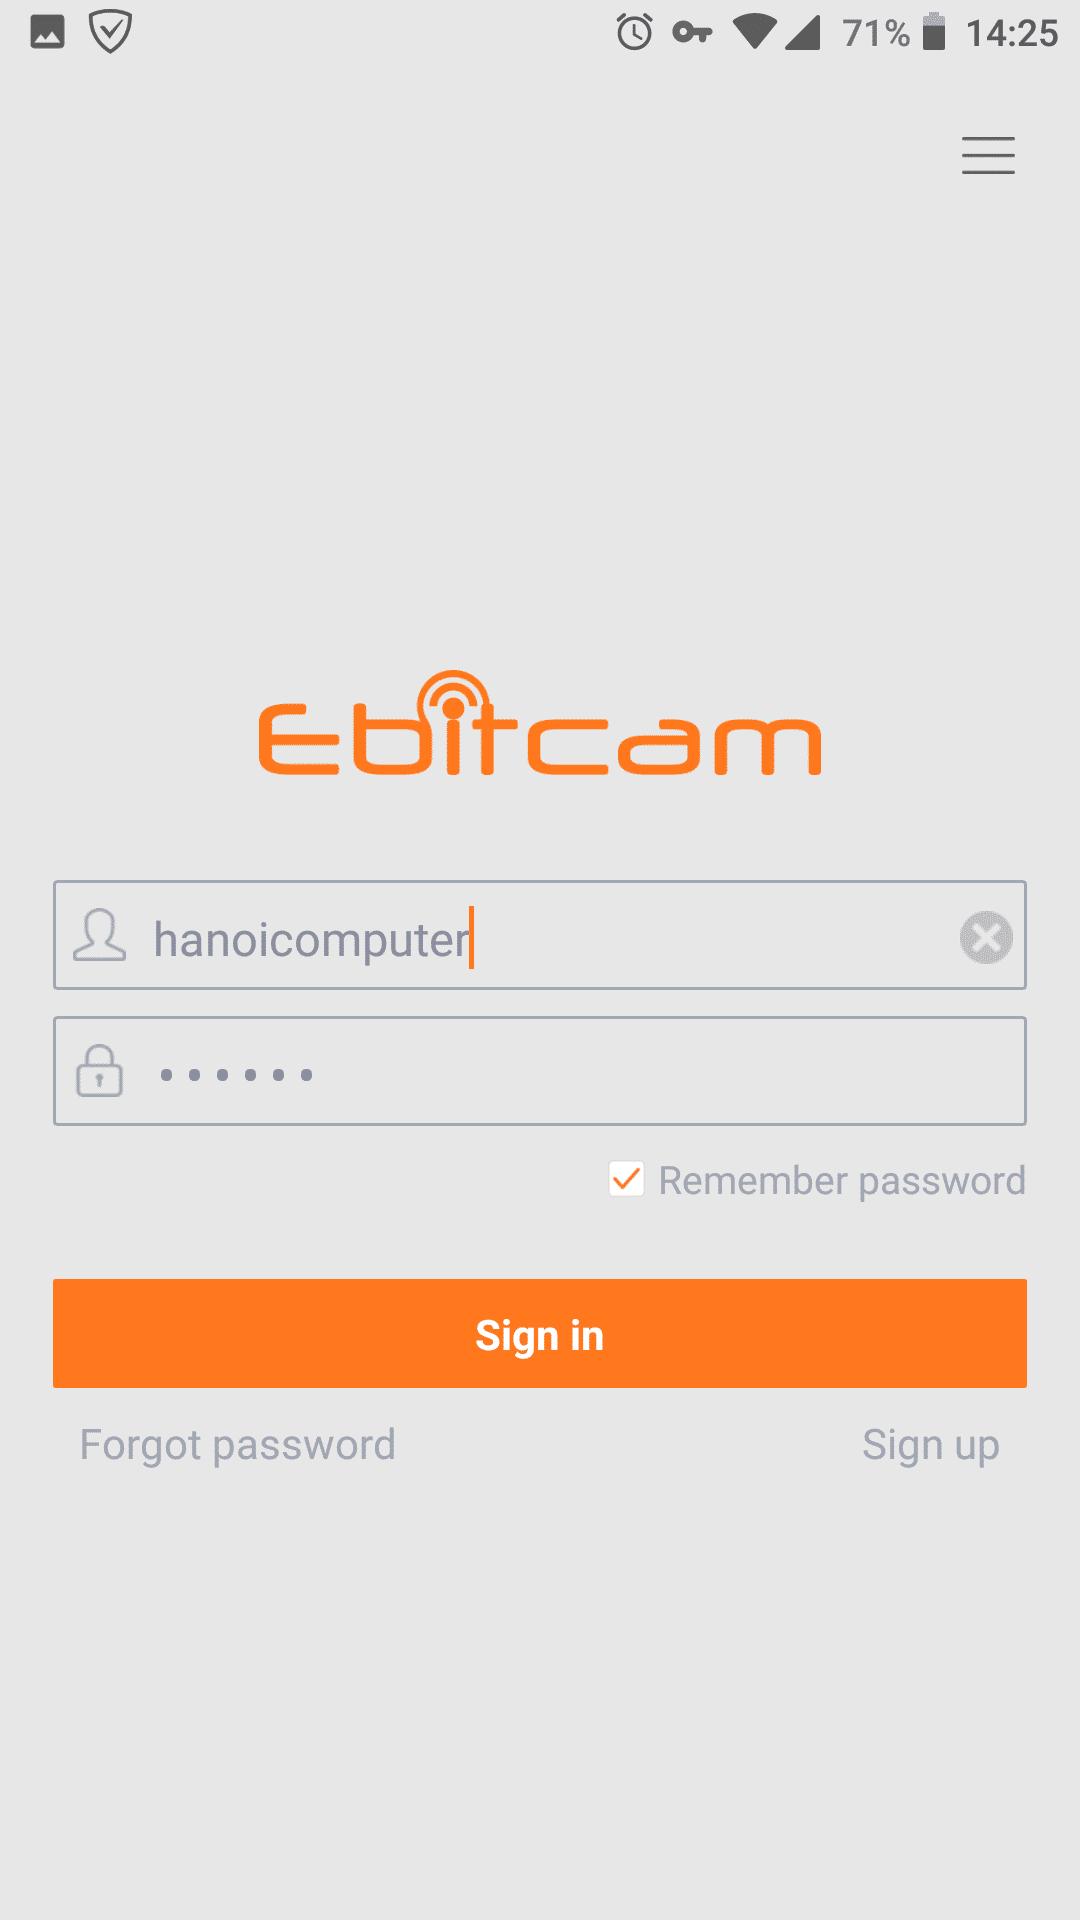 Hướng dẫn cài đặt camera Ebitcam trên điện thoại3-2-min